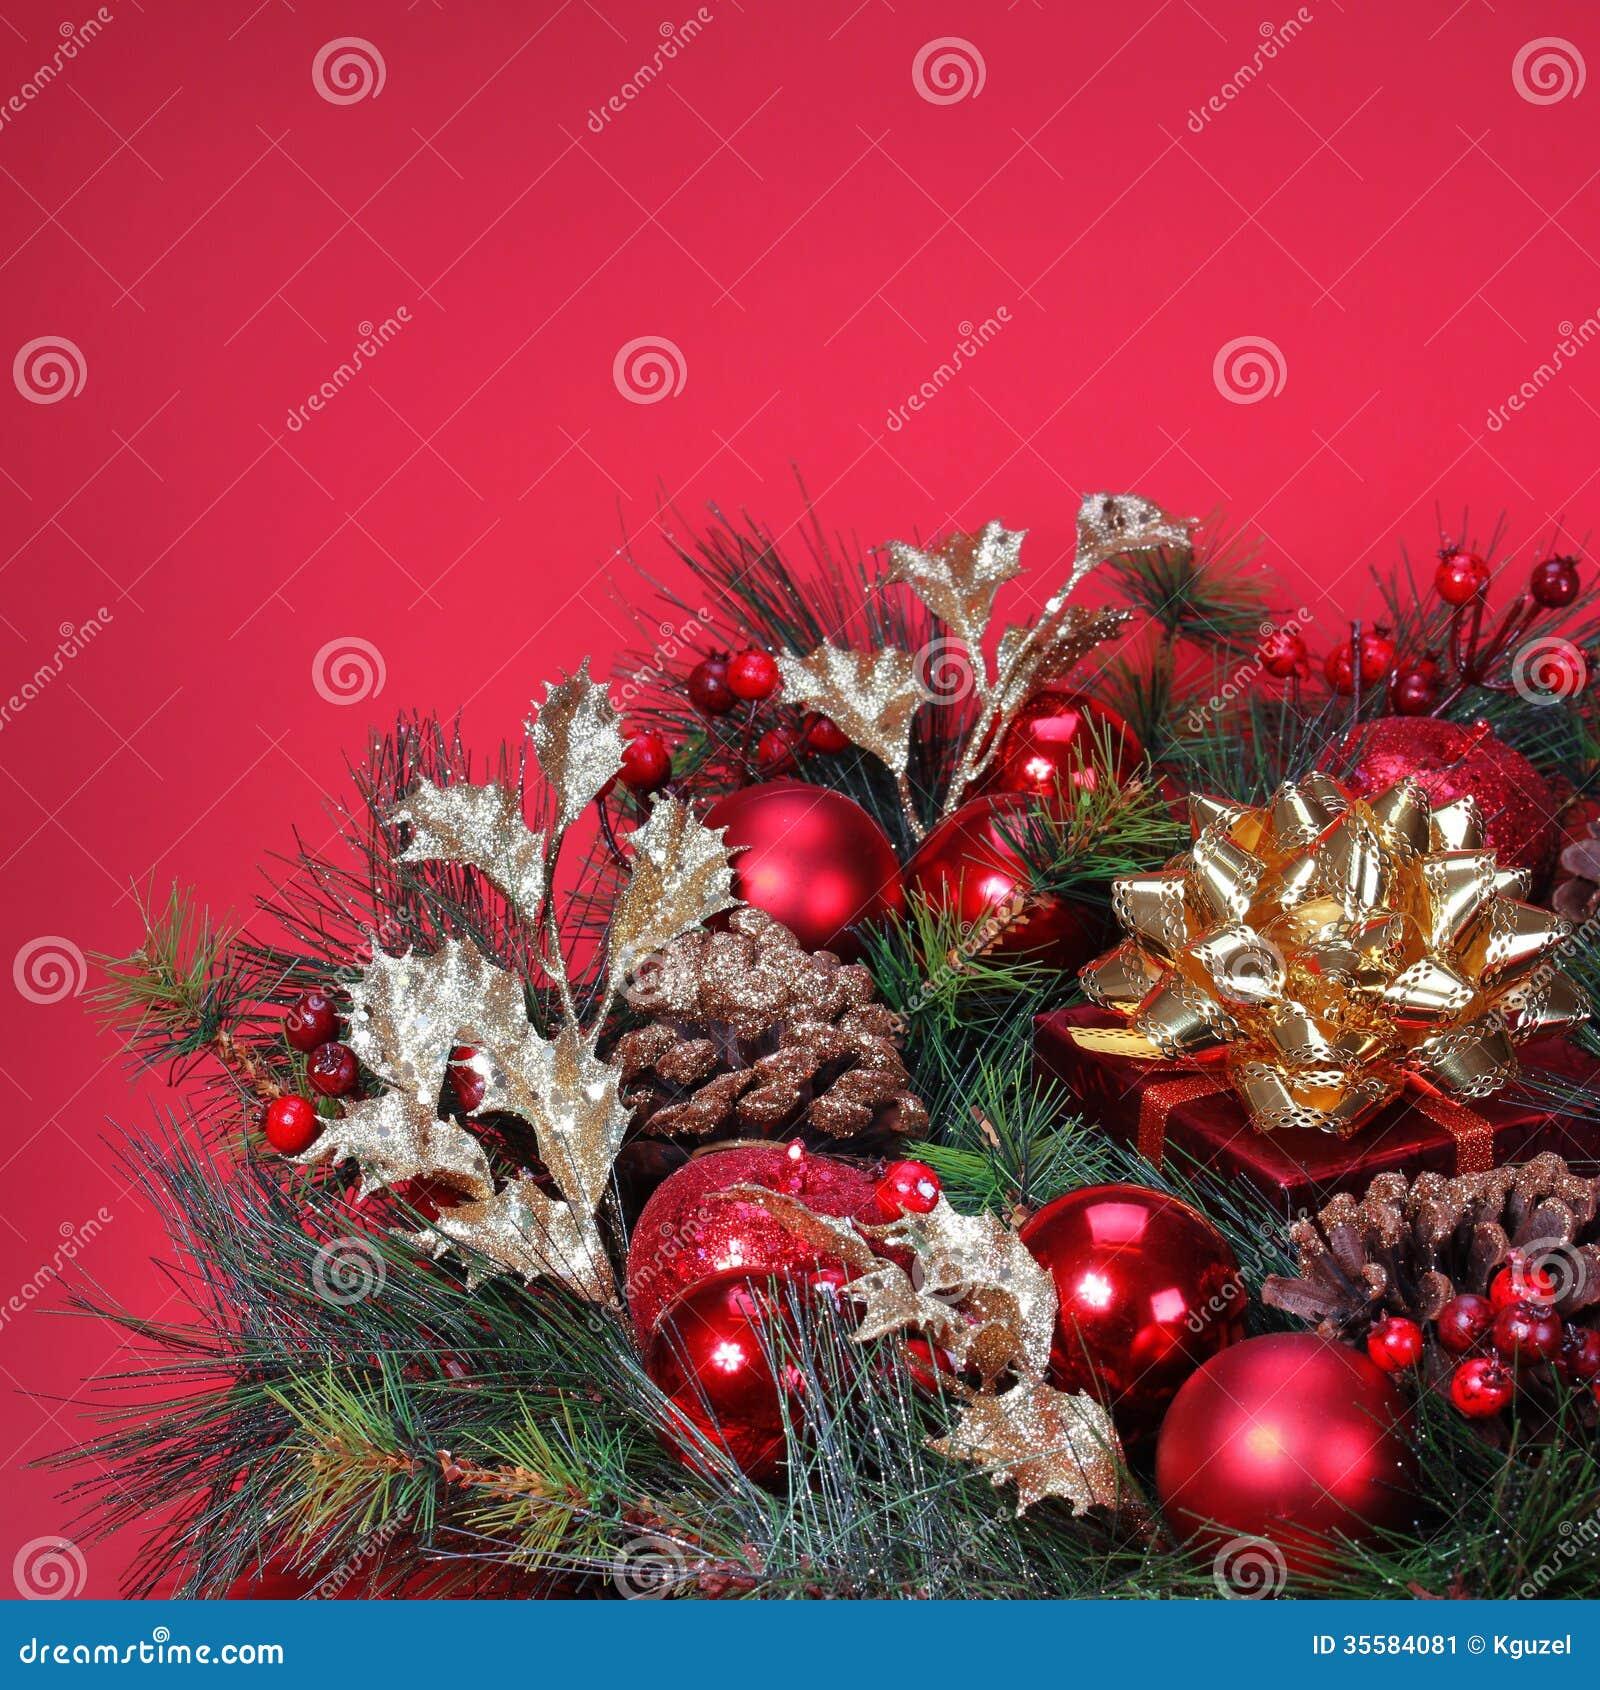 D coration de no l branche d 39 arbre de no l avec les capsules rouges image stock image 35584081 - Branche arbre decoration ...